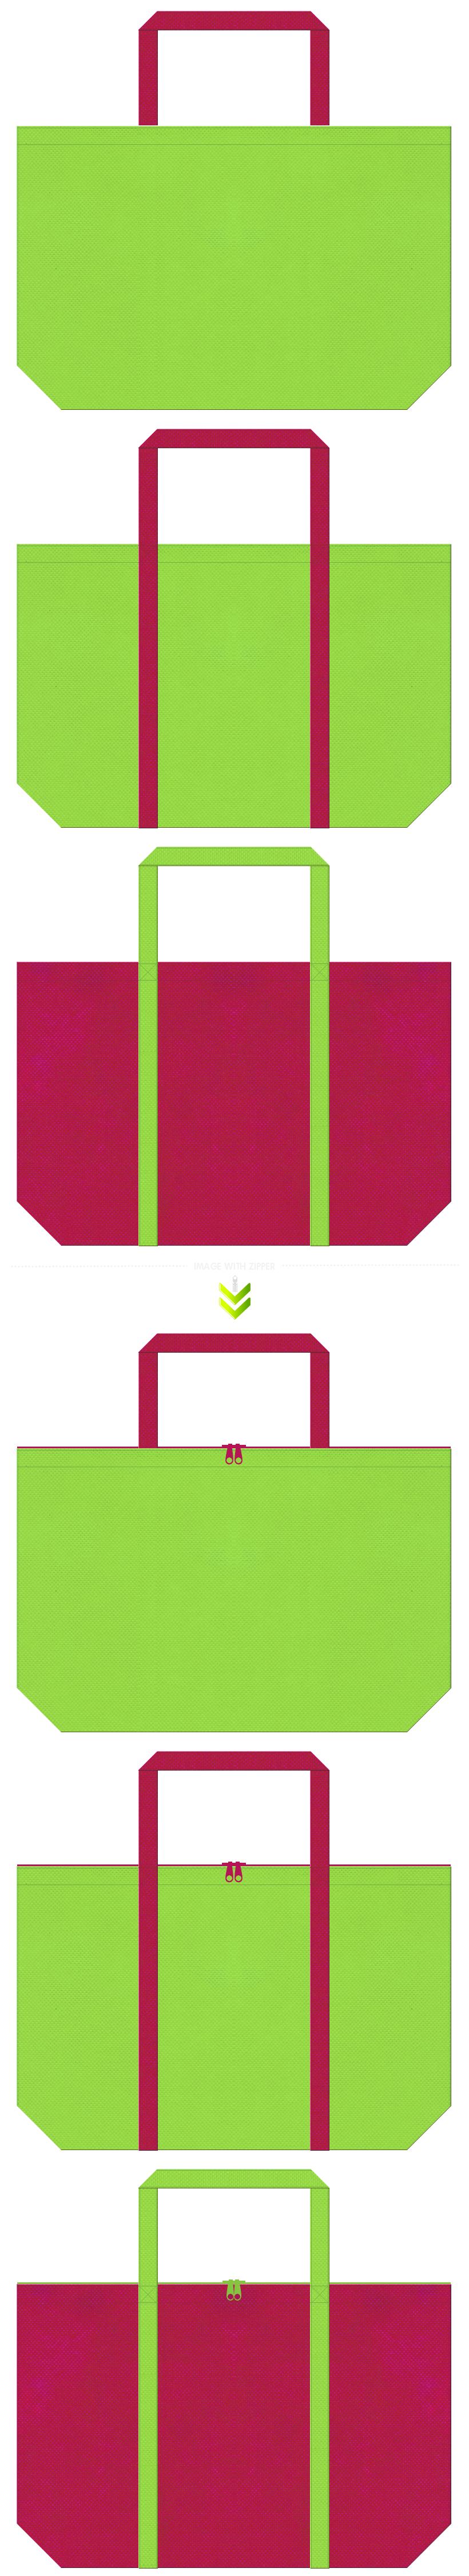 スポーツ・ロードレース・ドラゴンフルーツ・南国・トロピカル・カクテル・リゾート・フルーツのショッピングバッグにお奨めの不織布バッグデザイン:黄緑色と濃いピンク色のコーデ